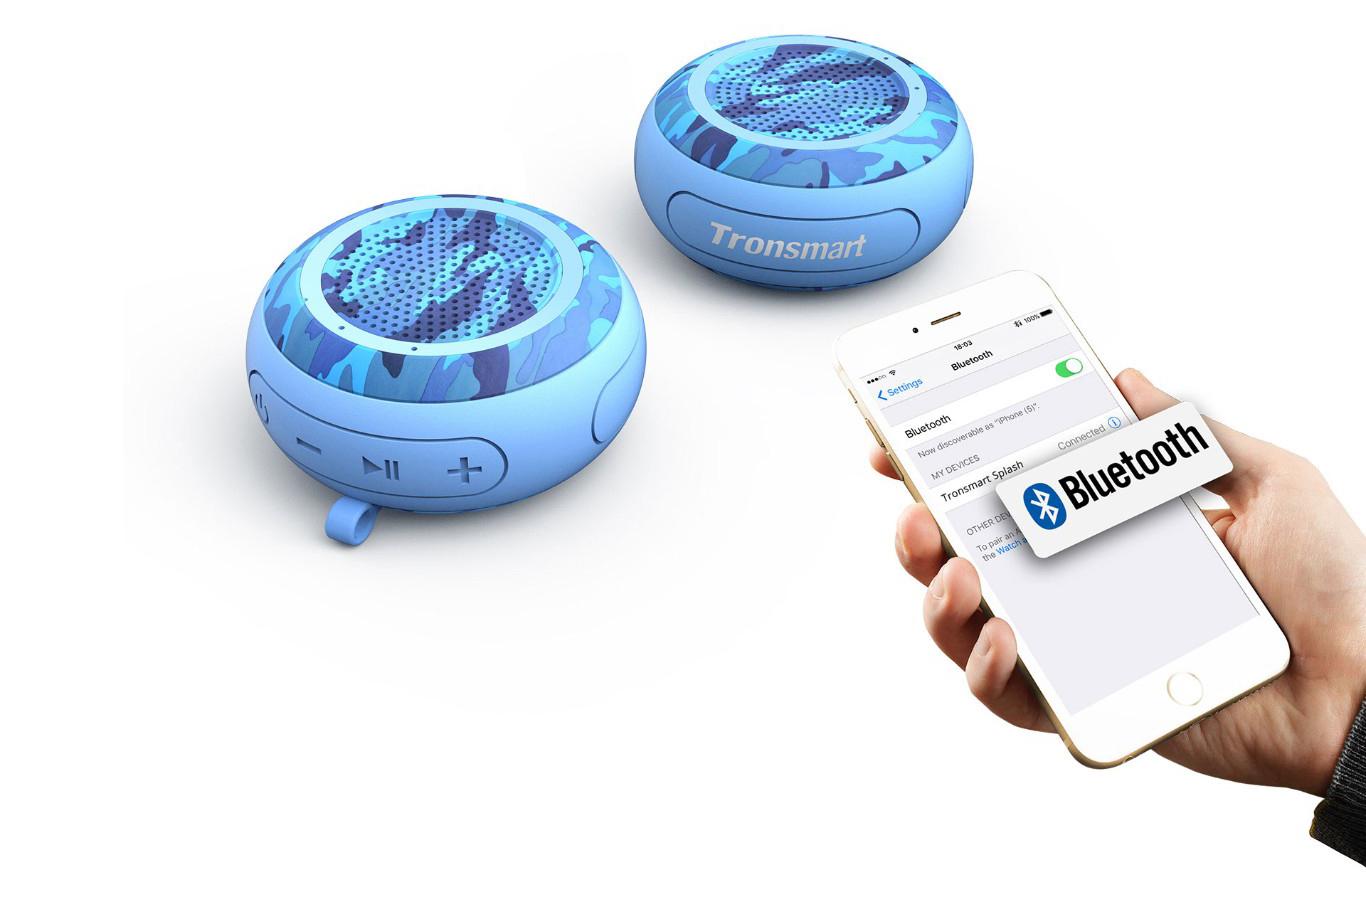 Loa Bluetooth Tronsmart Element Splash 7W - Hàng Chính Hãng